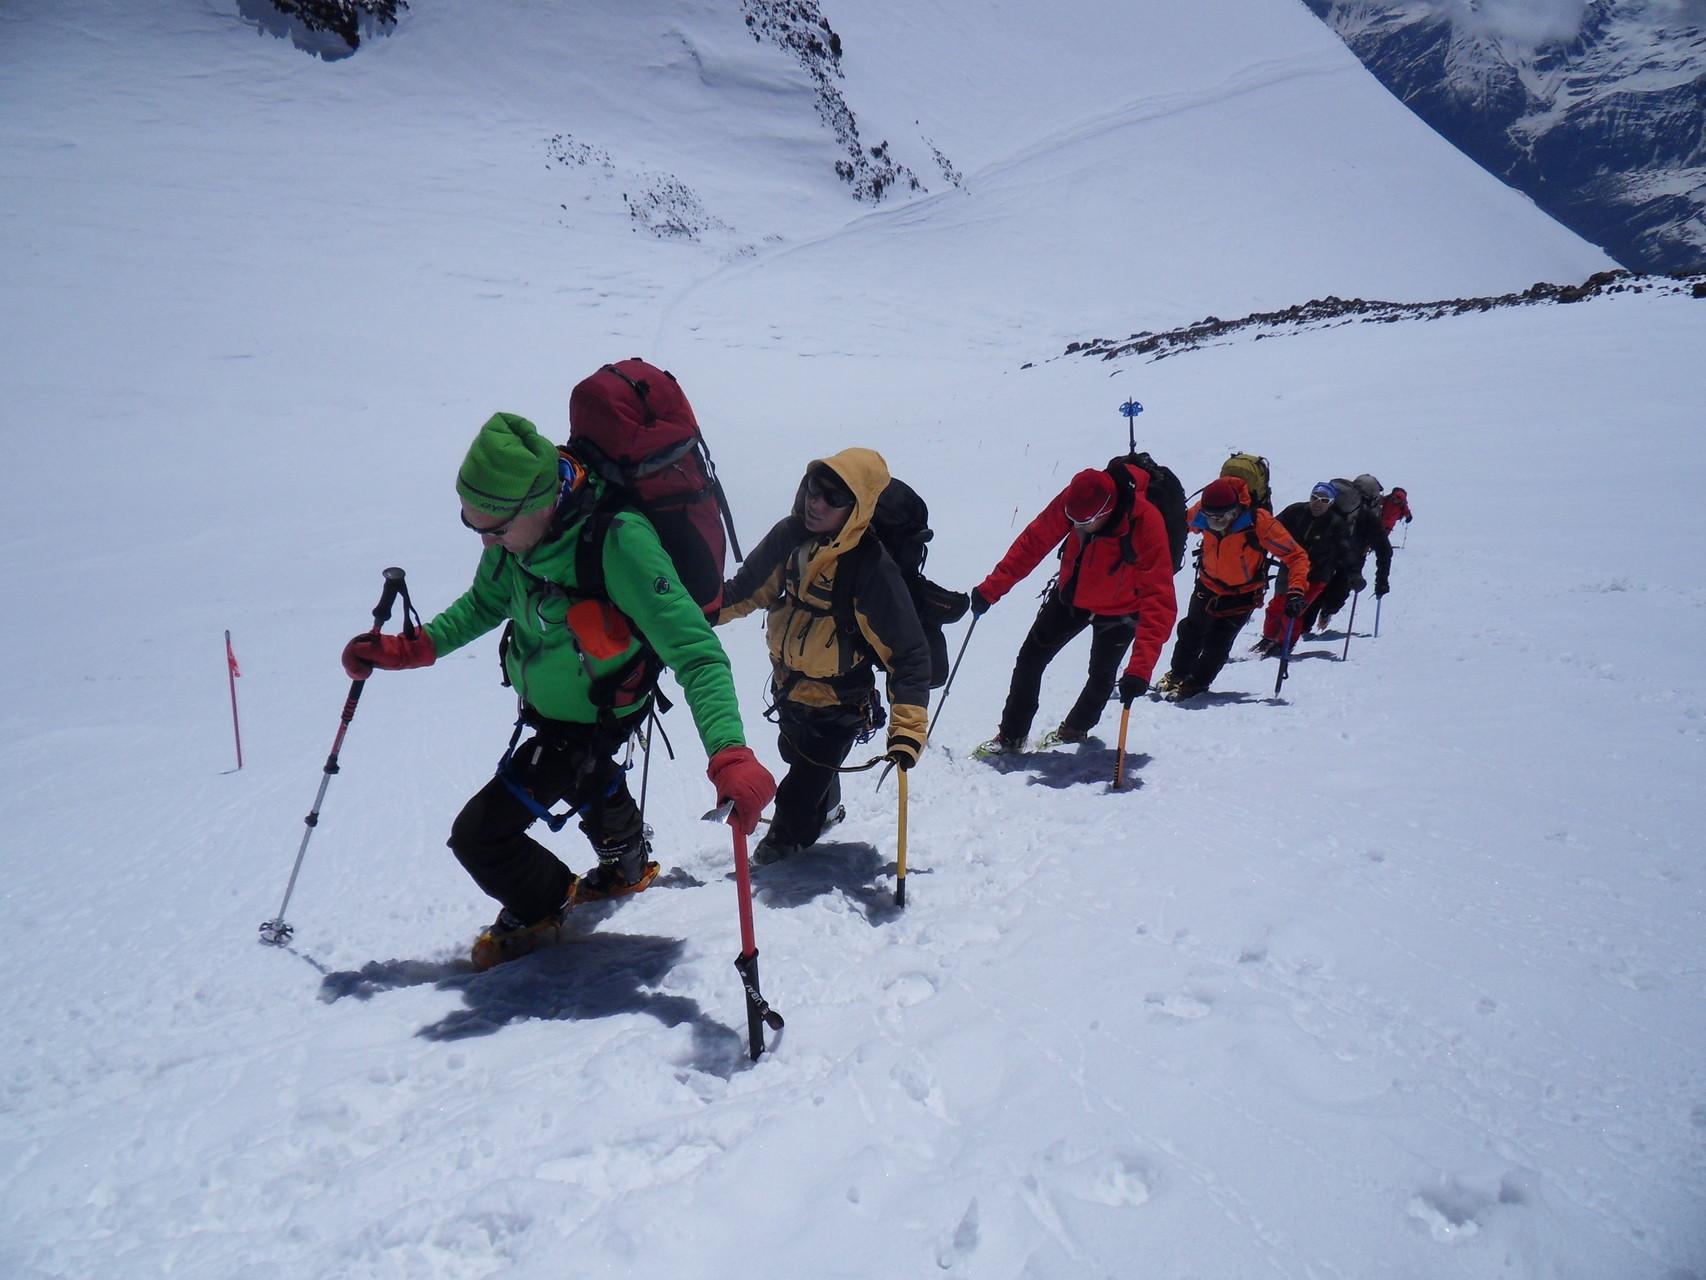 Die Gipfelflanke wird zu Fuß erstiegen